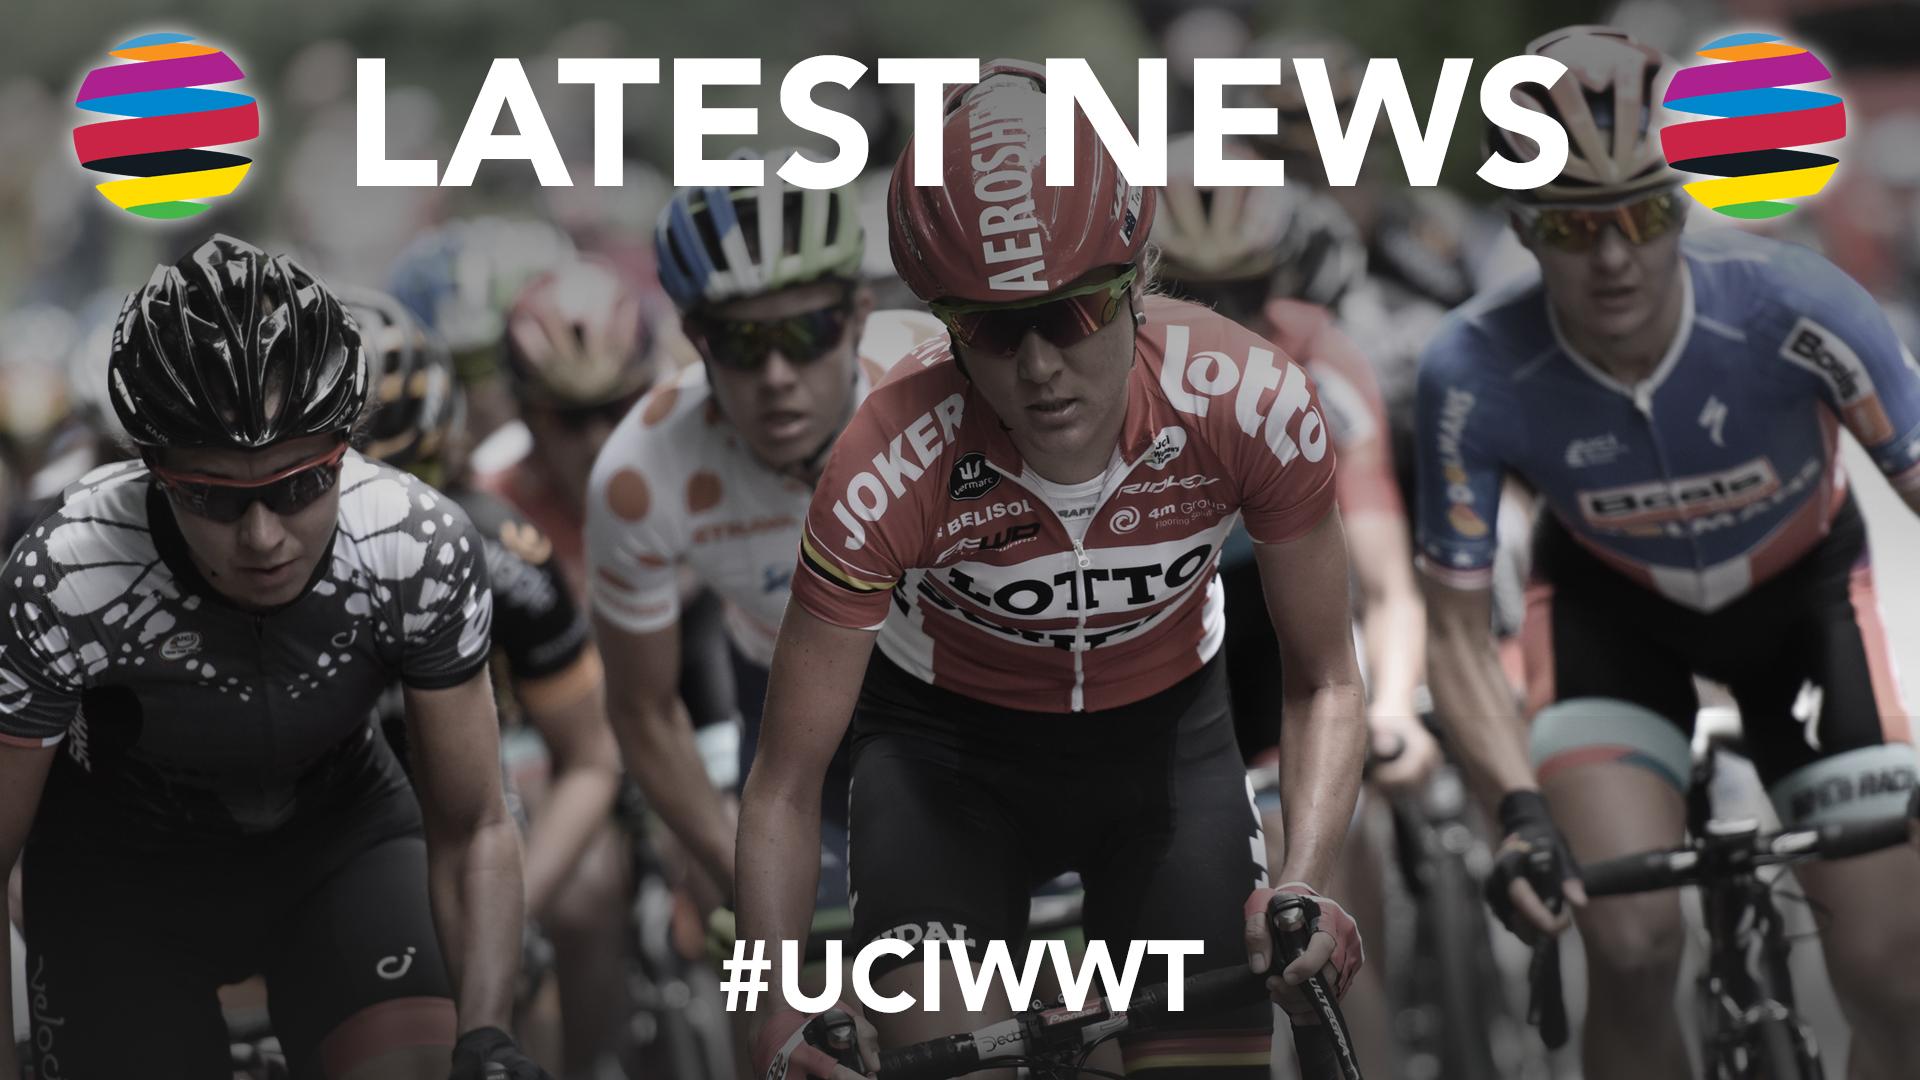 Ronde van Vlaanderen UCI Women's WorldTour race preview